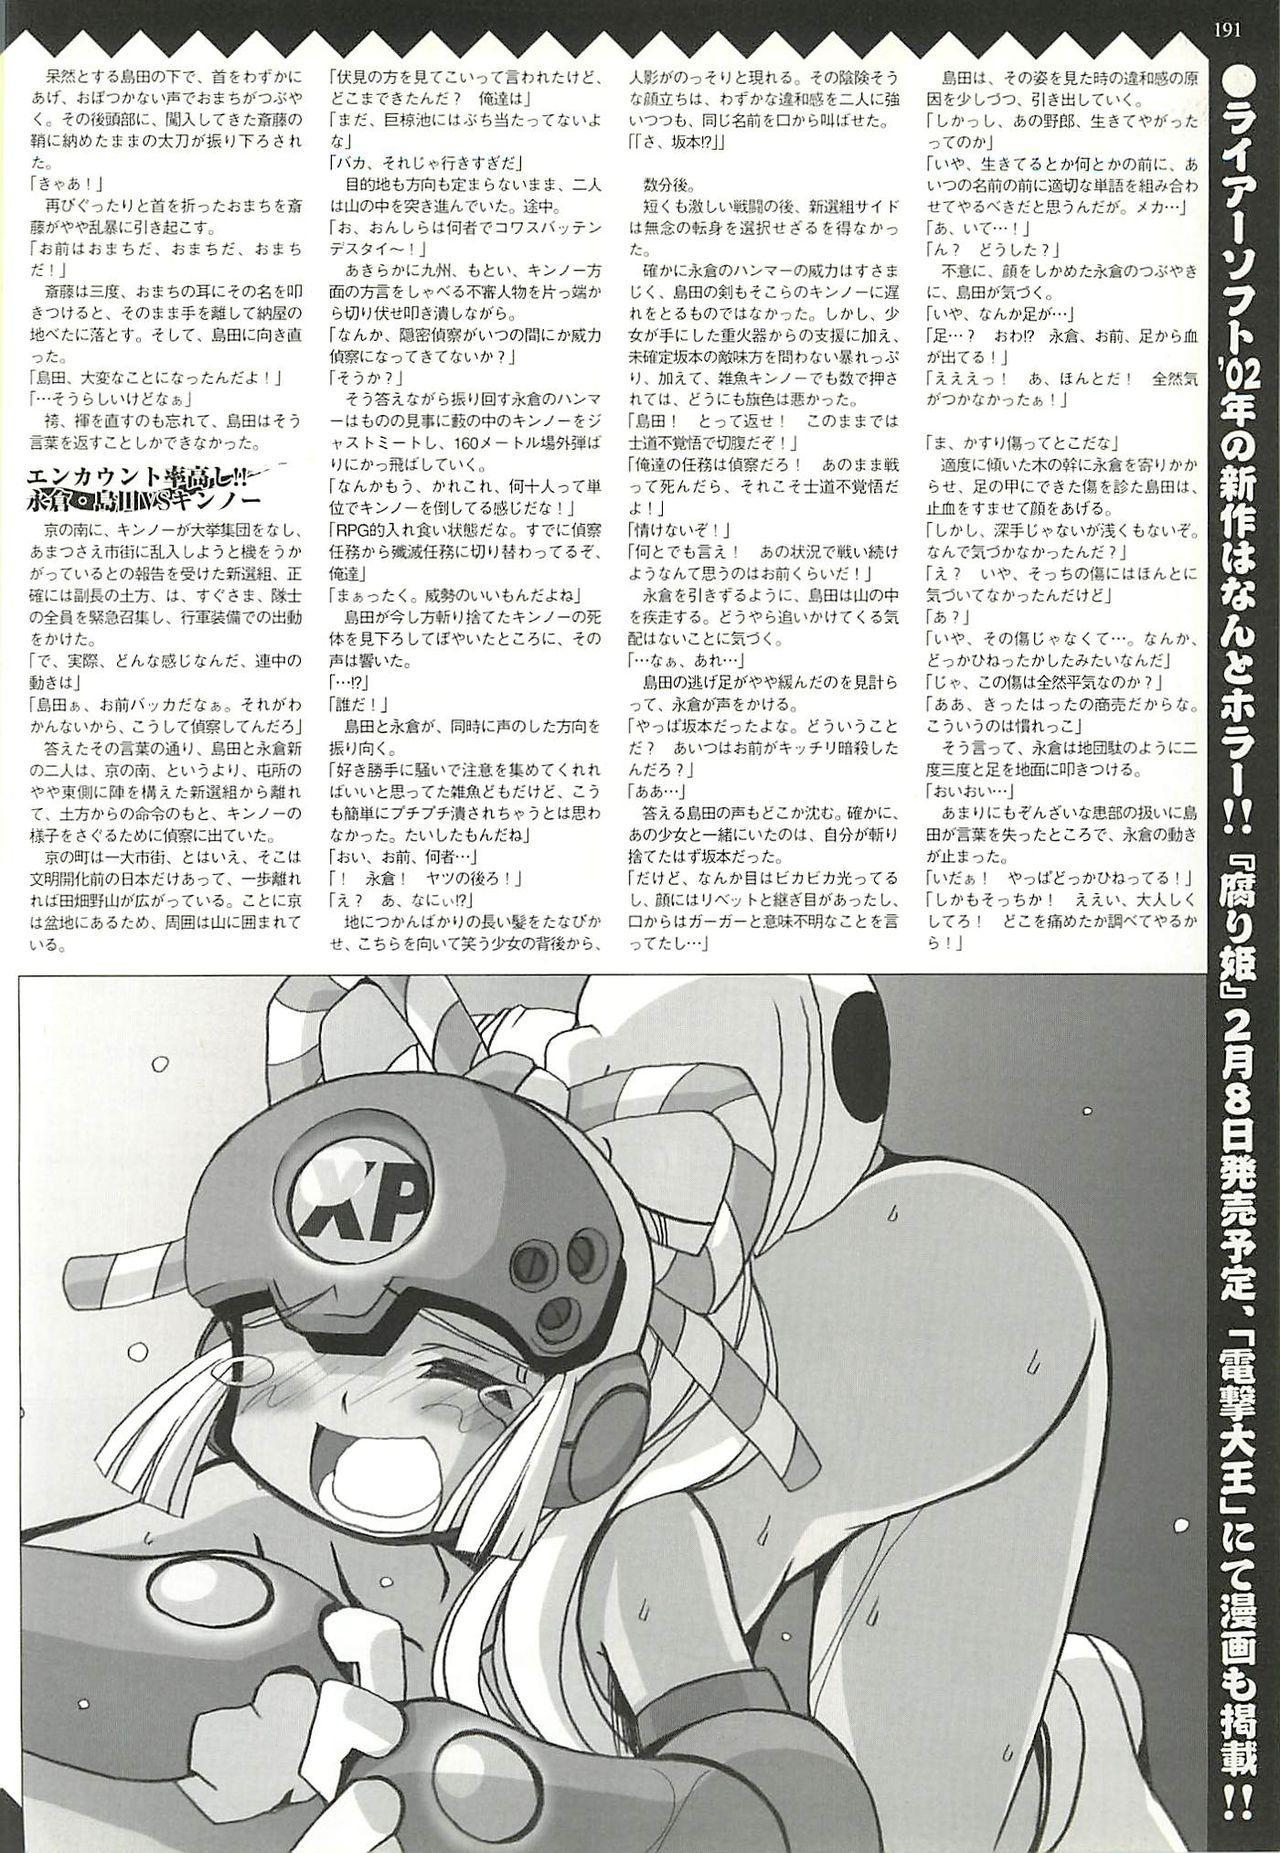 BugBug 2002-01 190